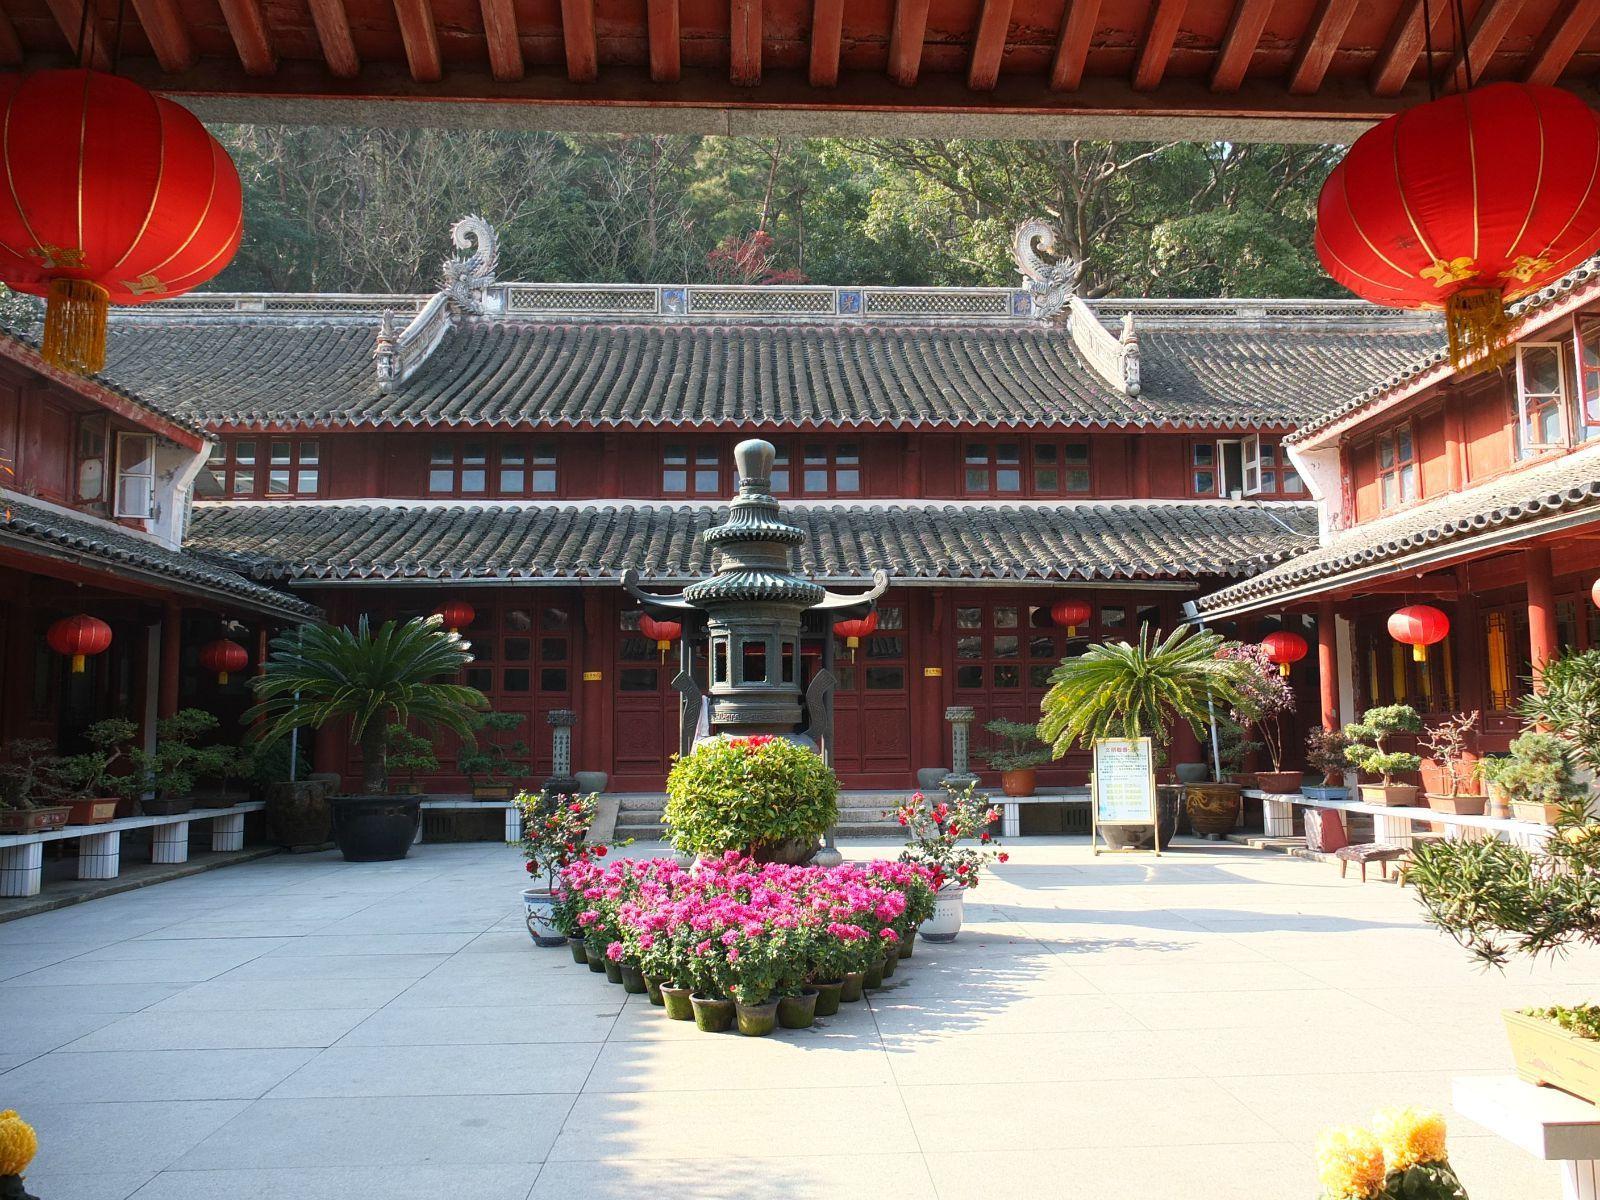 寺前的莲花池,多宝塔